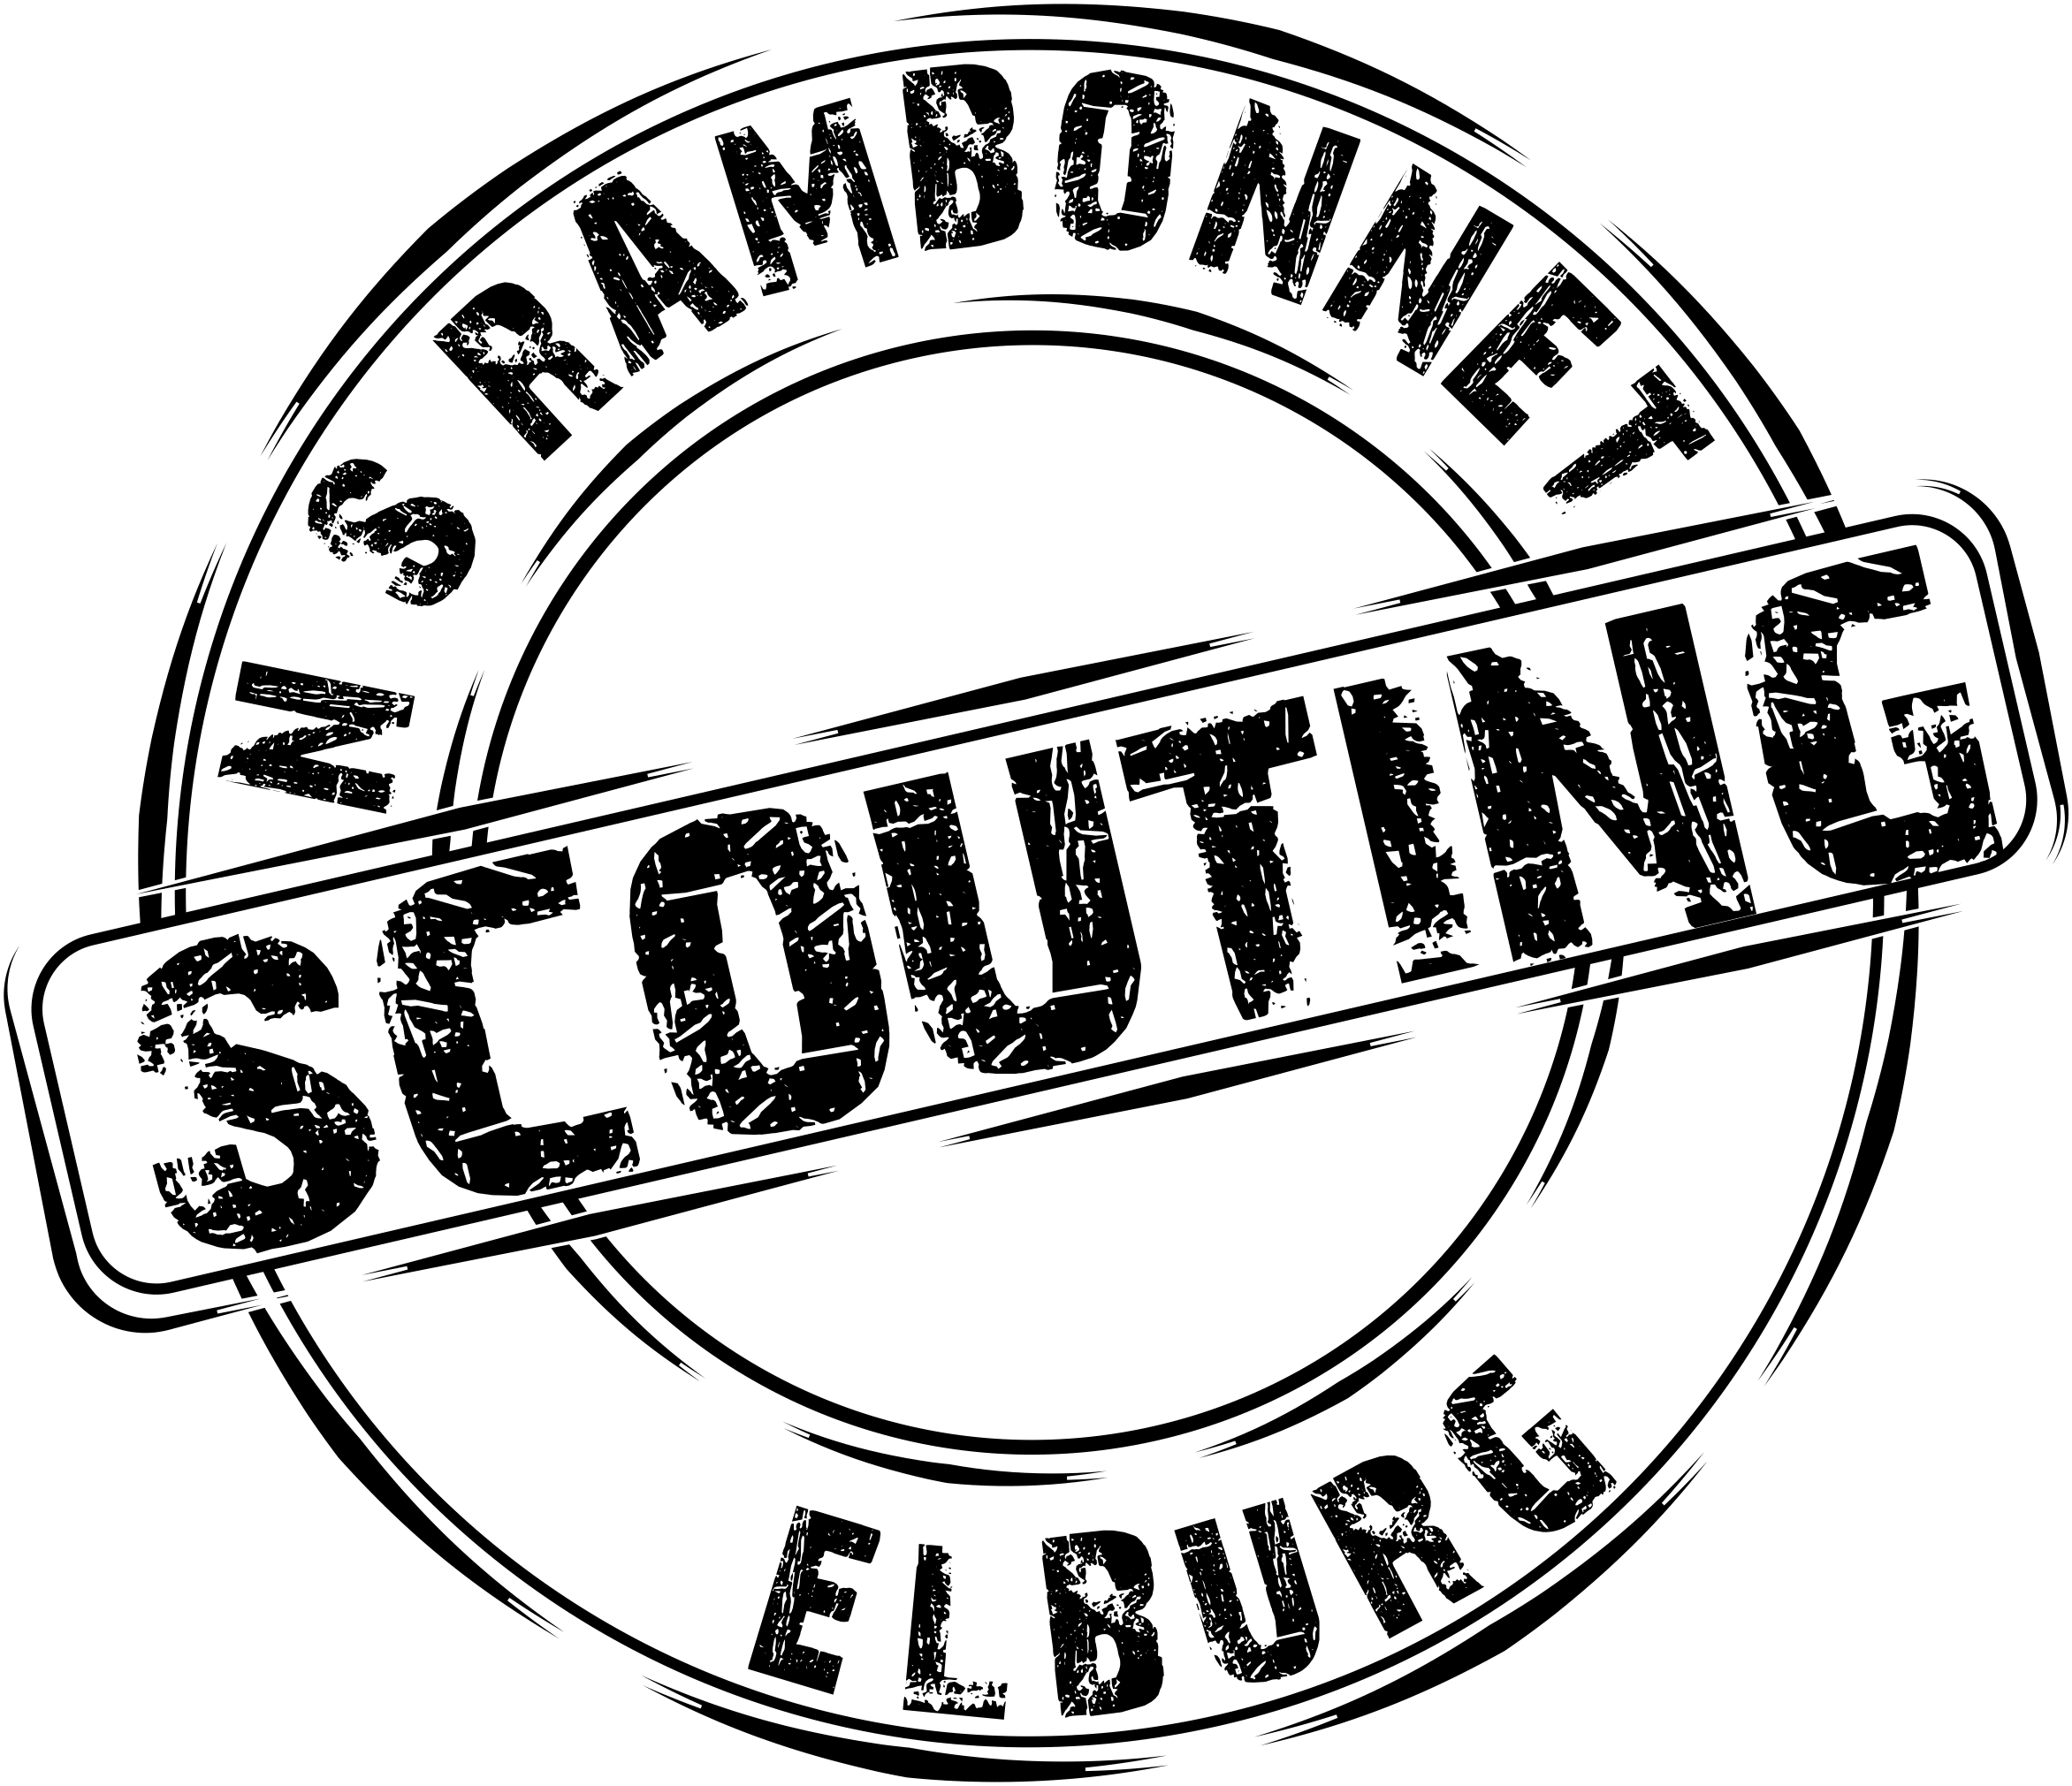 Beheerder / onderhoud bij Scouting N.S. Rambonnet Groep Elburg